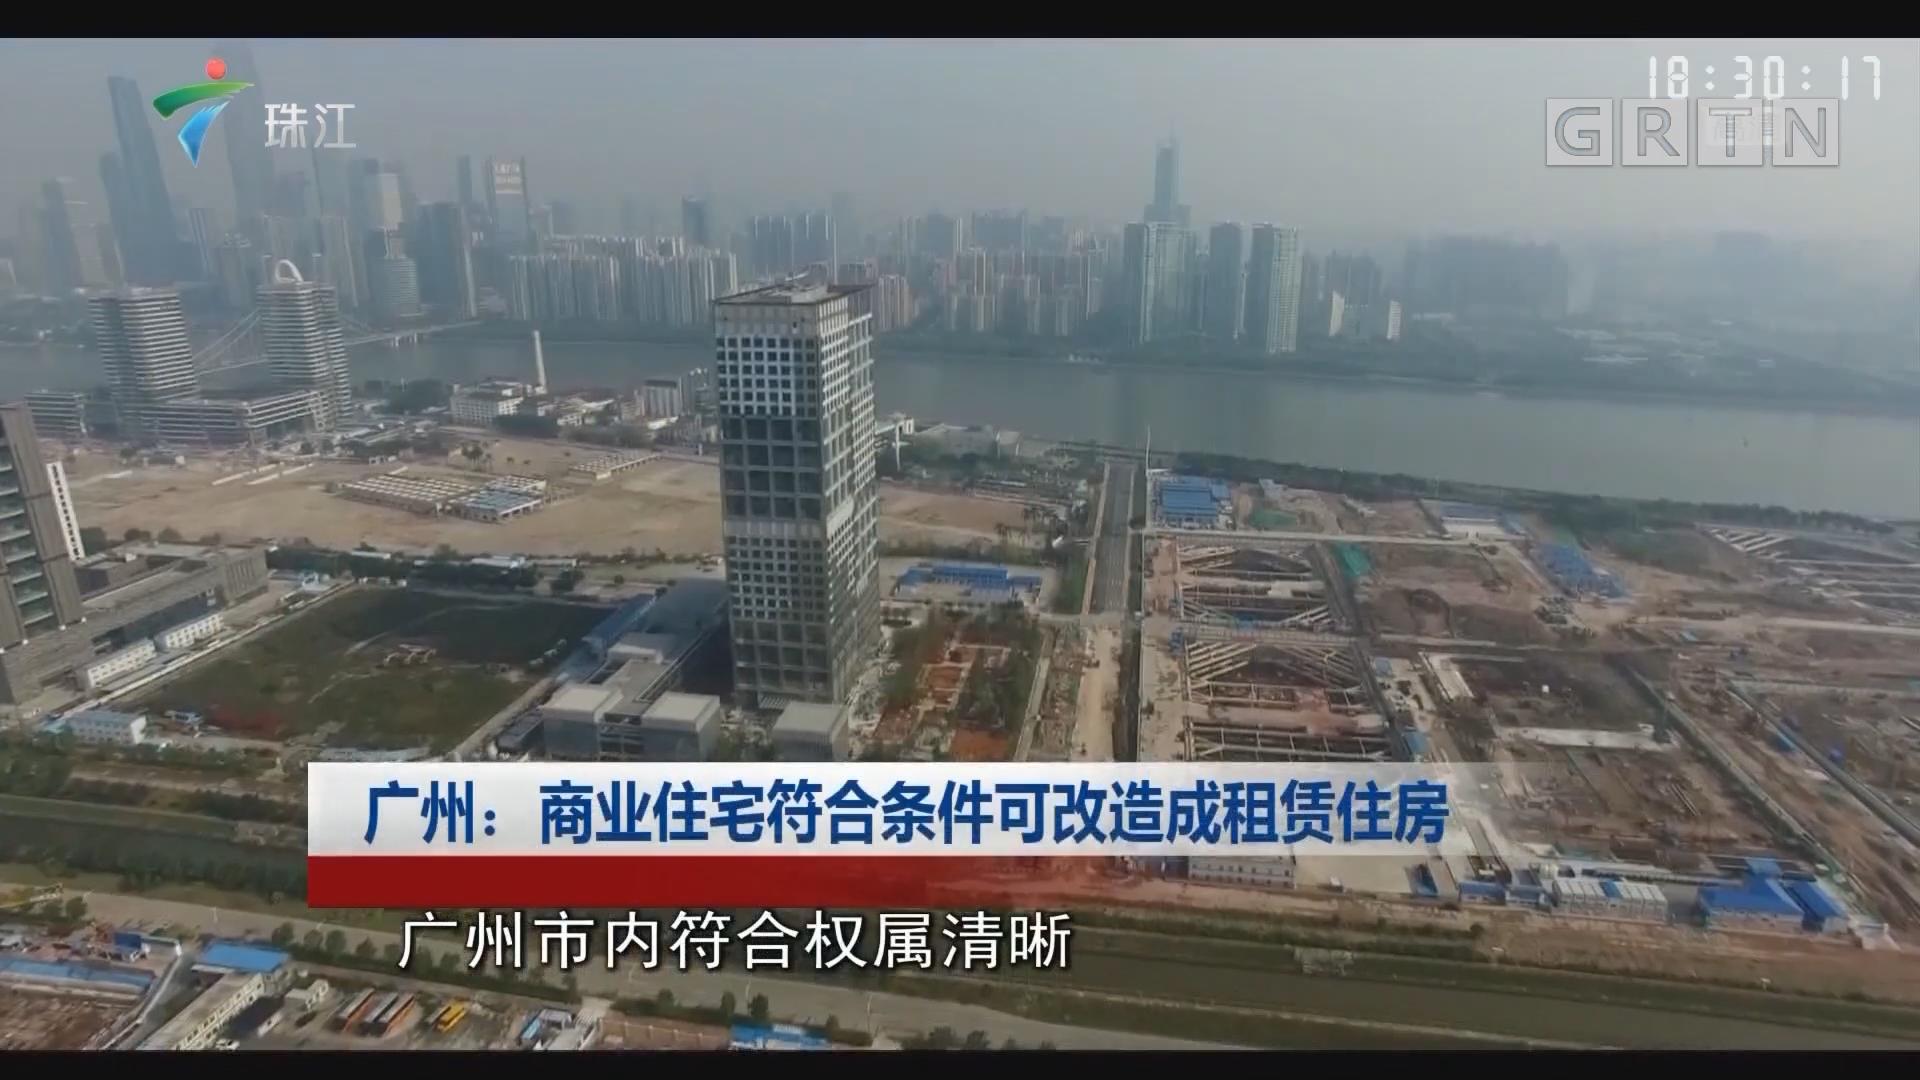 广州:商业住宅符合条件可改造成租赁住房